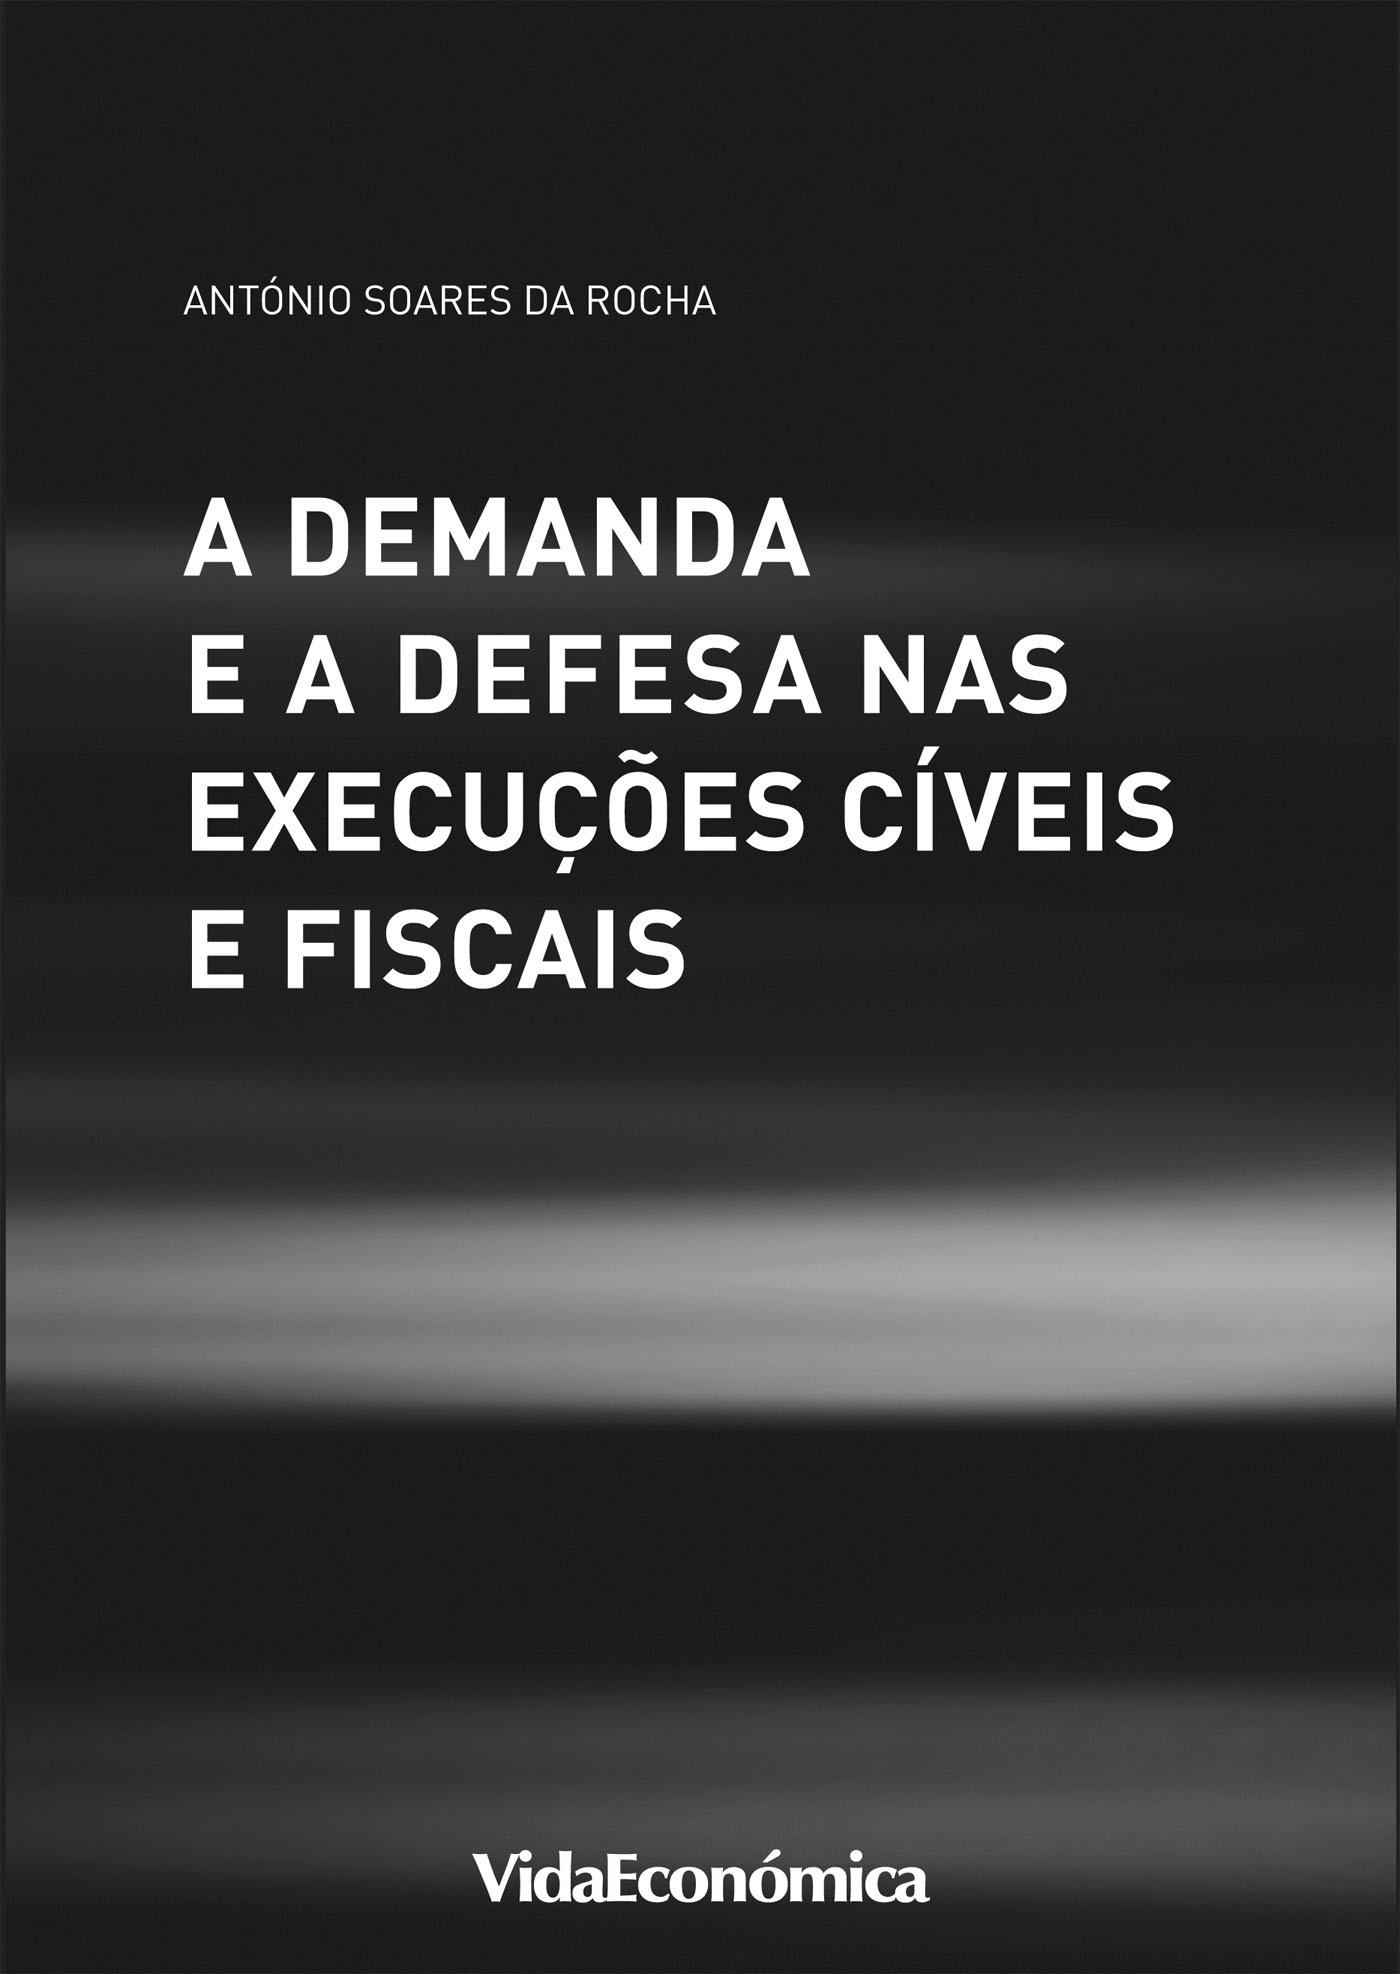 A Demanda e a Defesa nas Execuções Cíveis e Fiscais